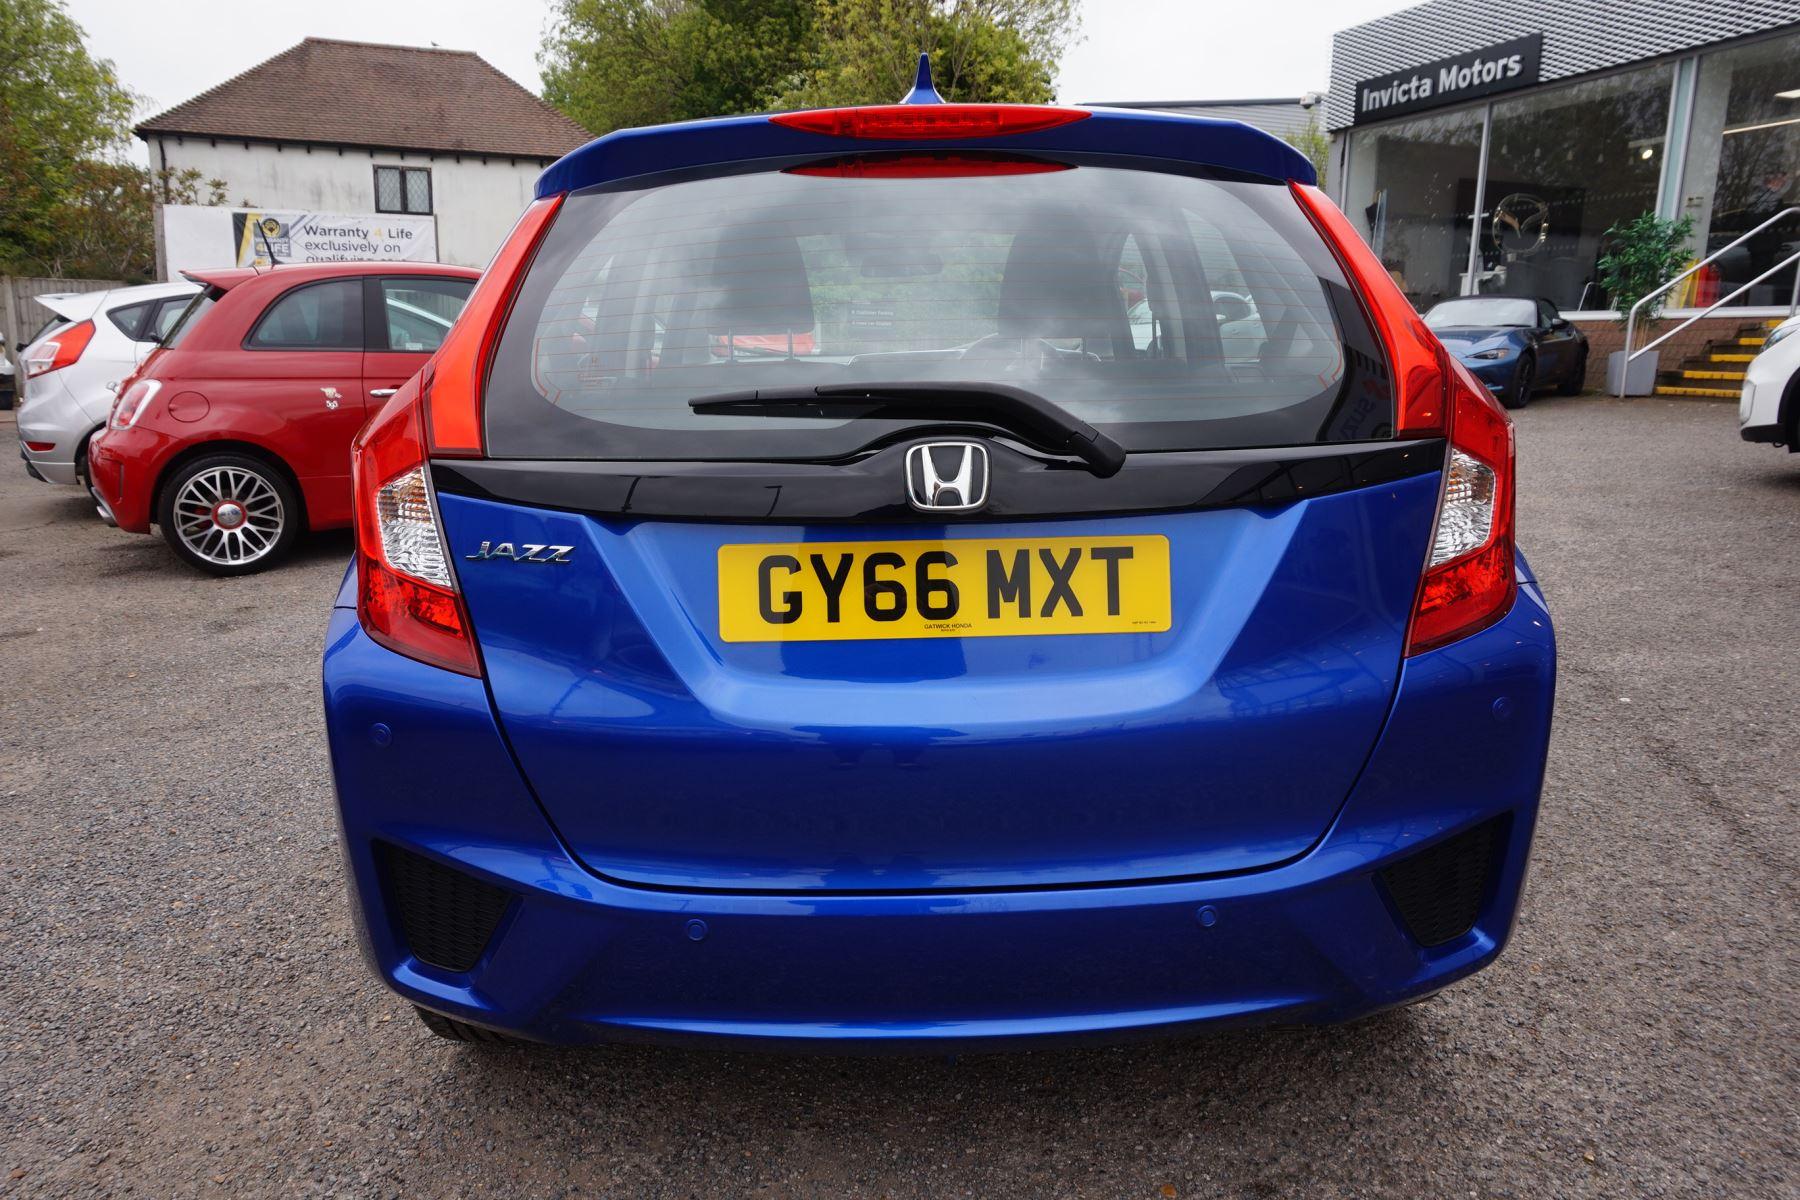 Honda Jazz 1.3 SE Navi CVT image 4